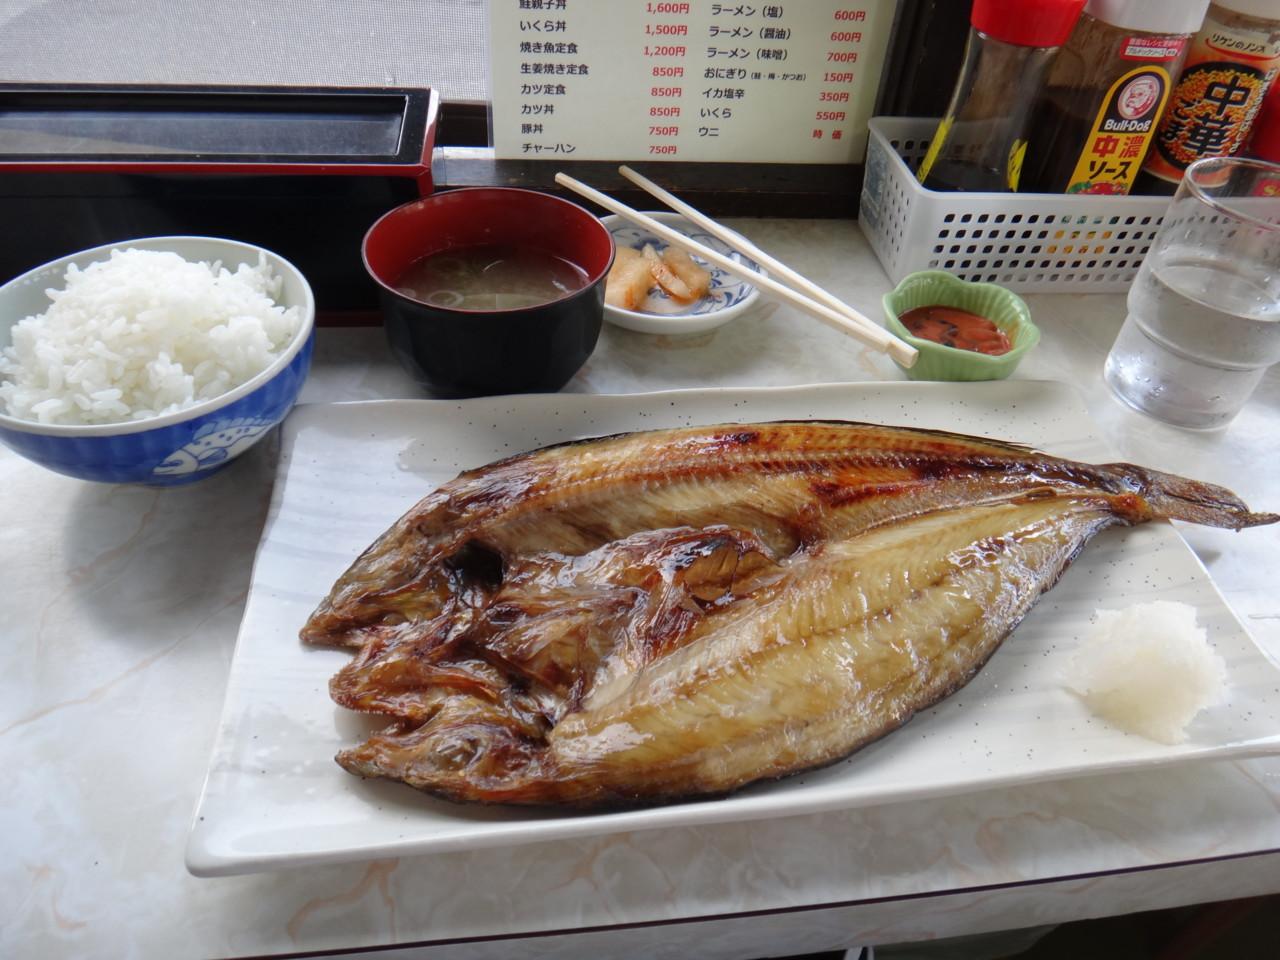 ウトロ漁協婦人部食堂 焼き魚定食(ホッケ)